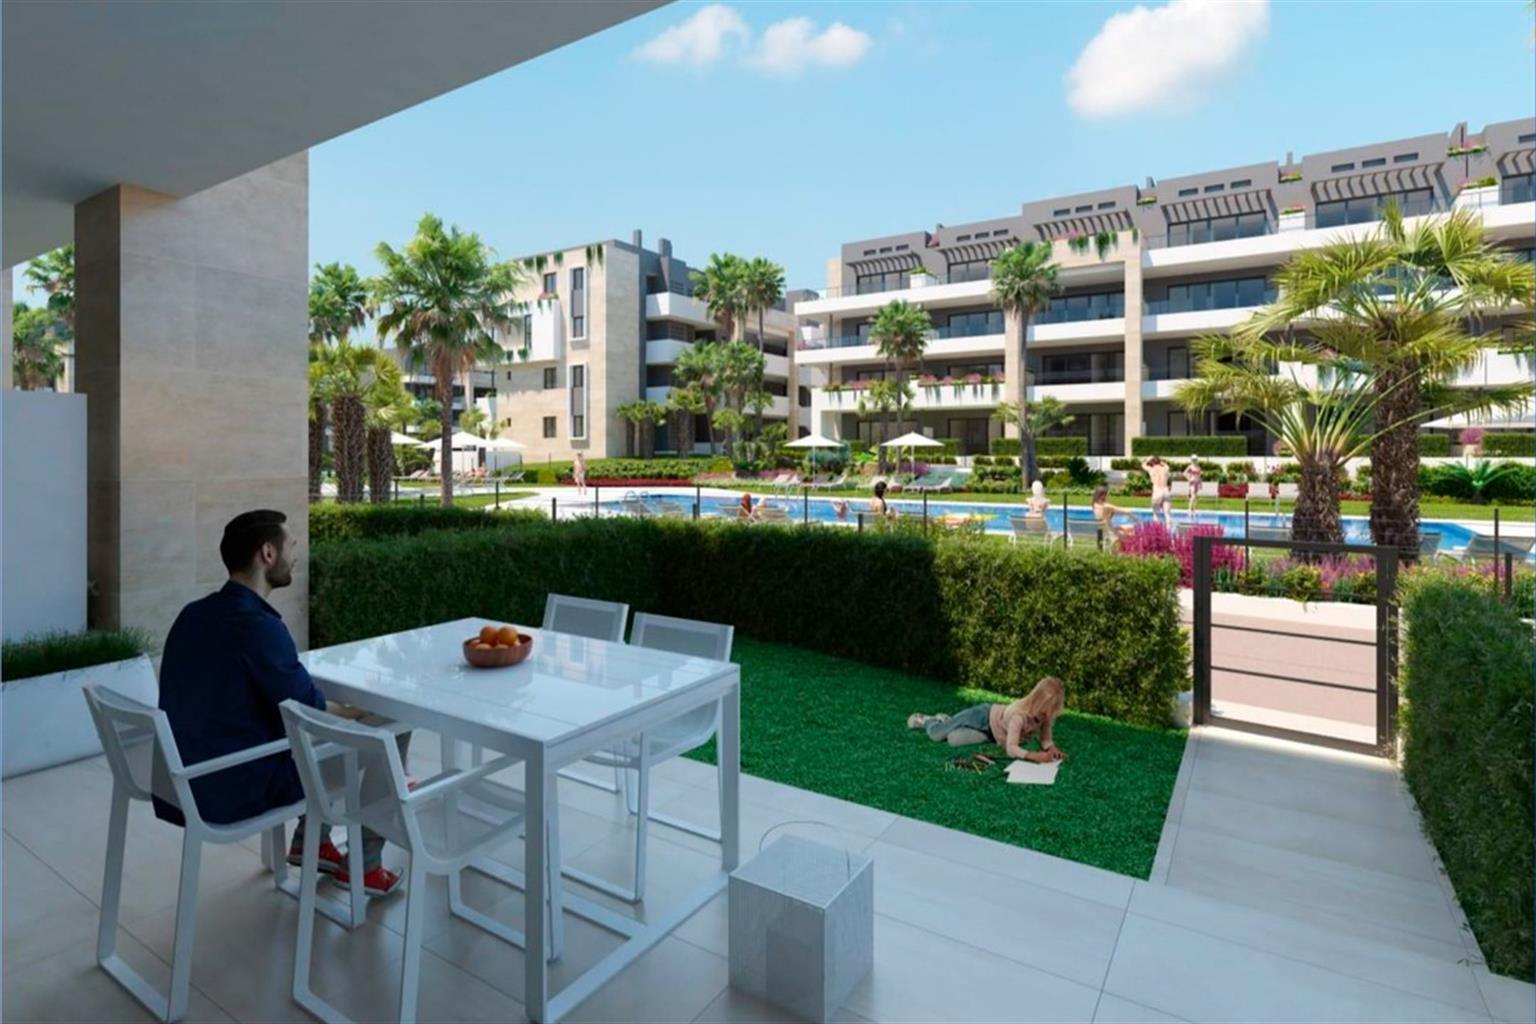 Appartement - Orihuela Costa - #4228409-22